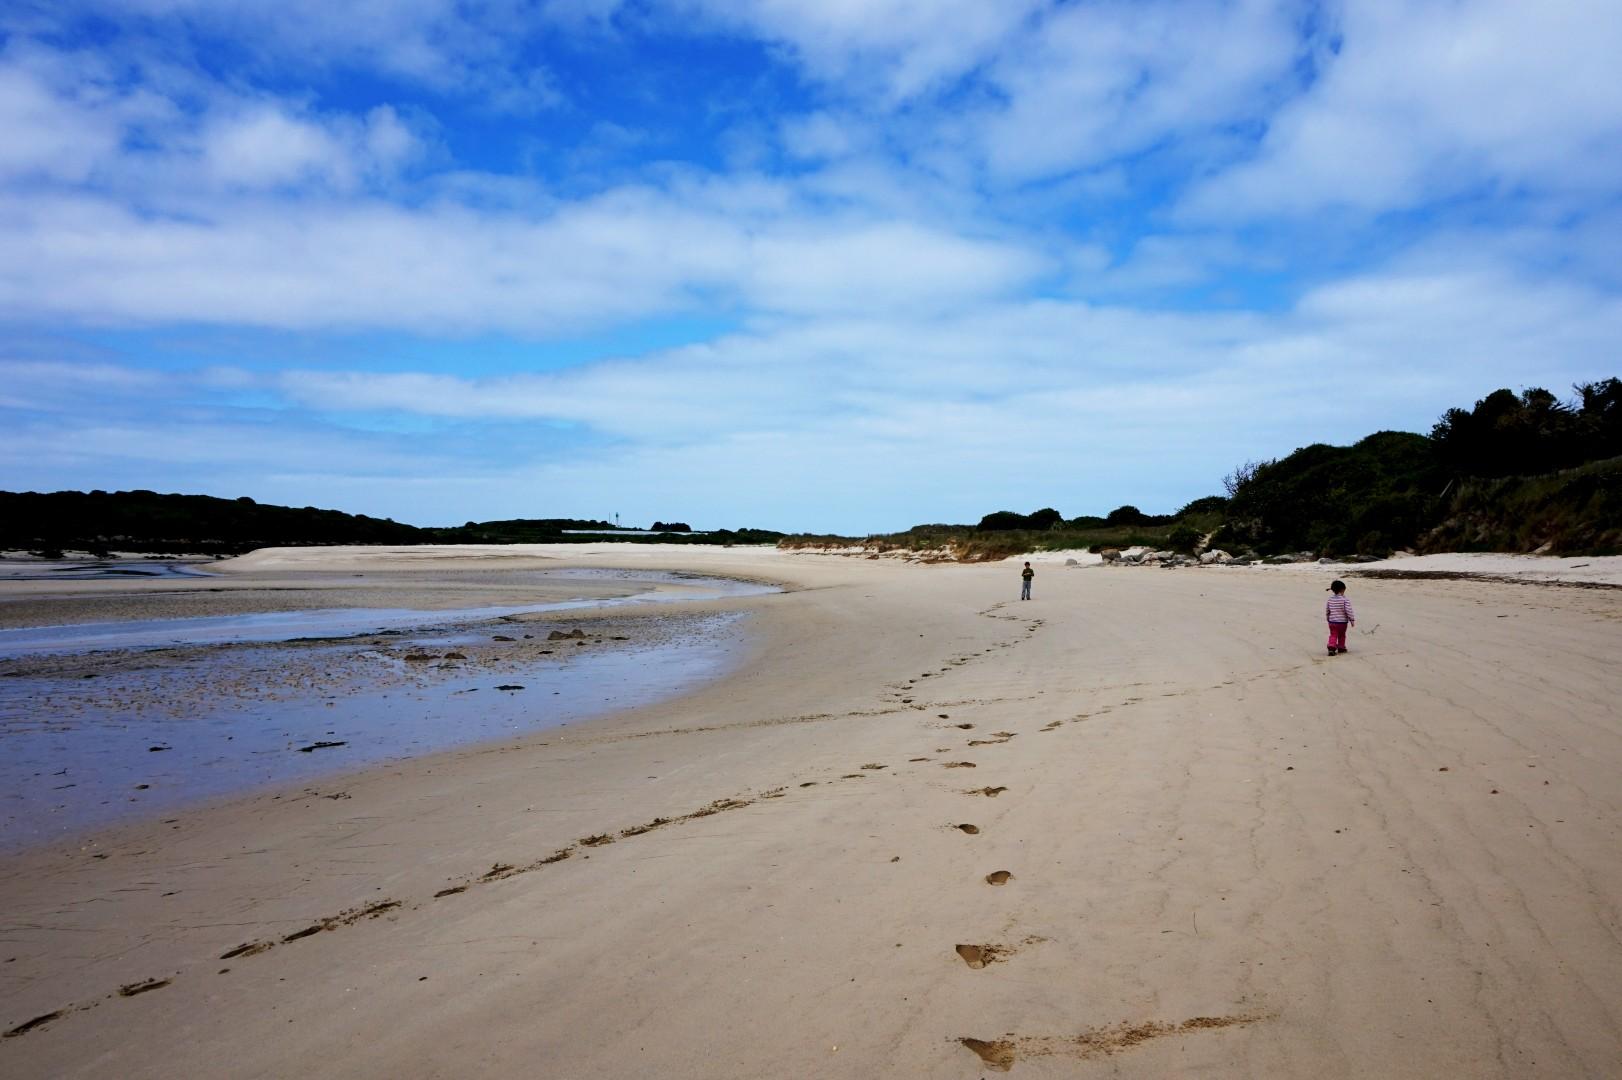 Des vacances bretonnes - Finistère Nord